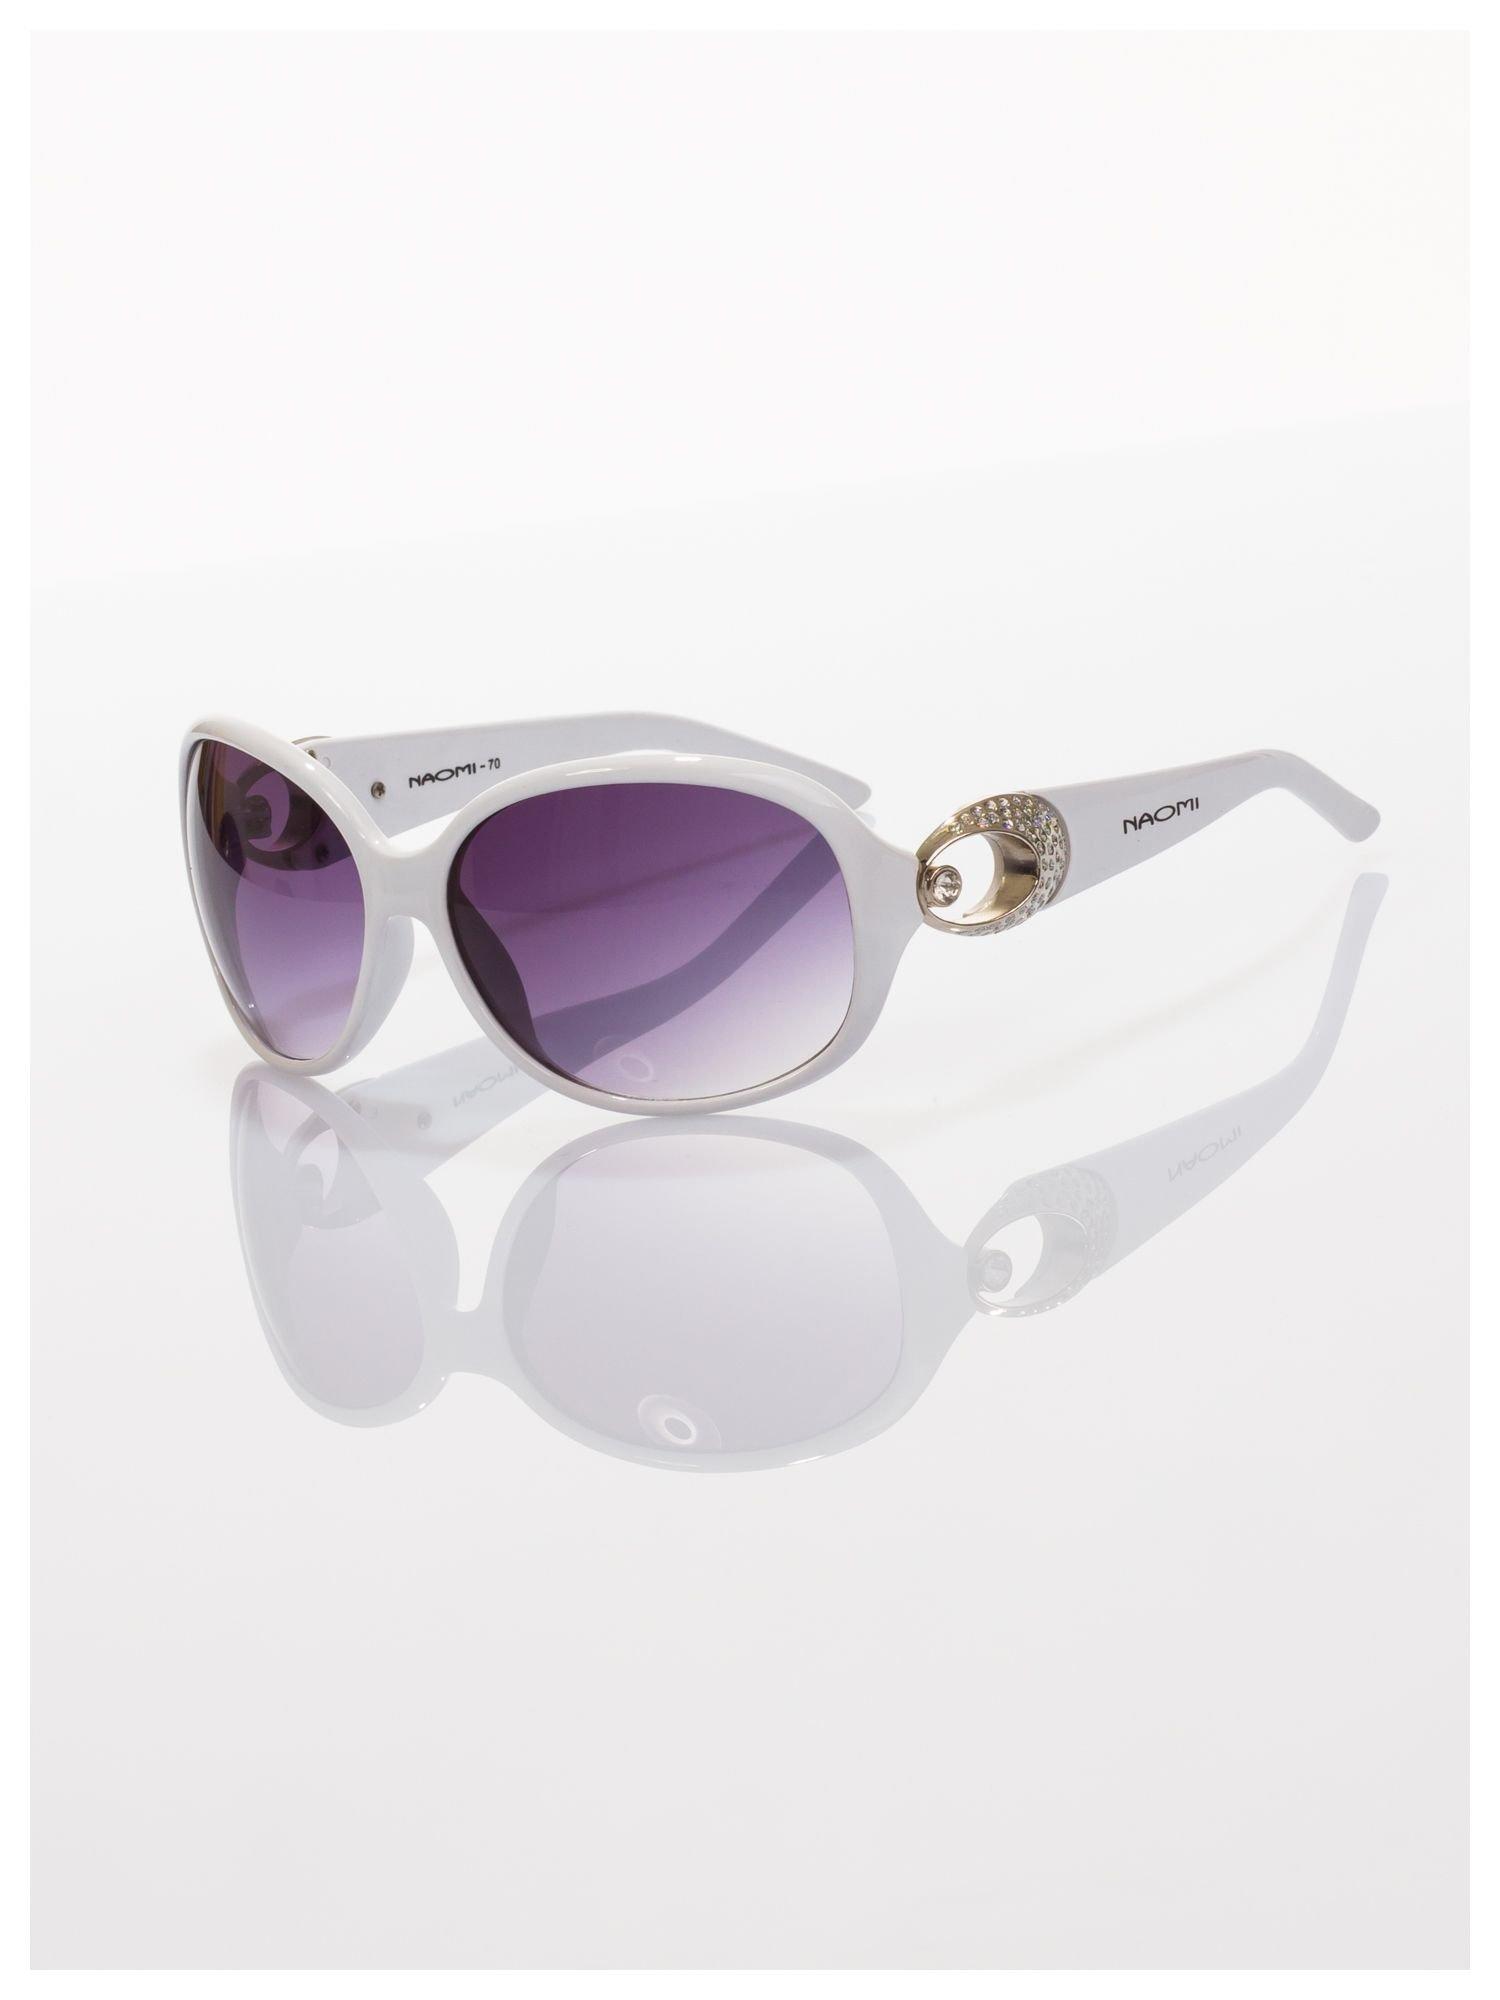 Białe eleganckie okulary o owalnym kształcie typu MUCHY i srebrnym zdobieniu na zauszniku                                   zdj.                                  4